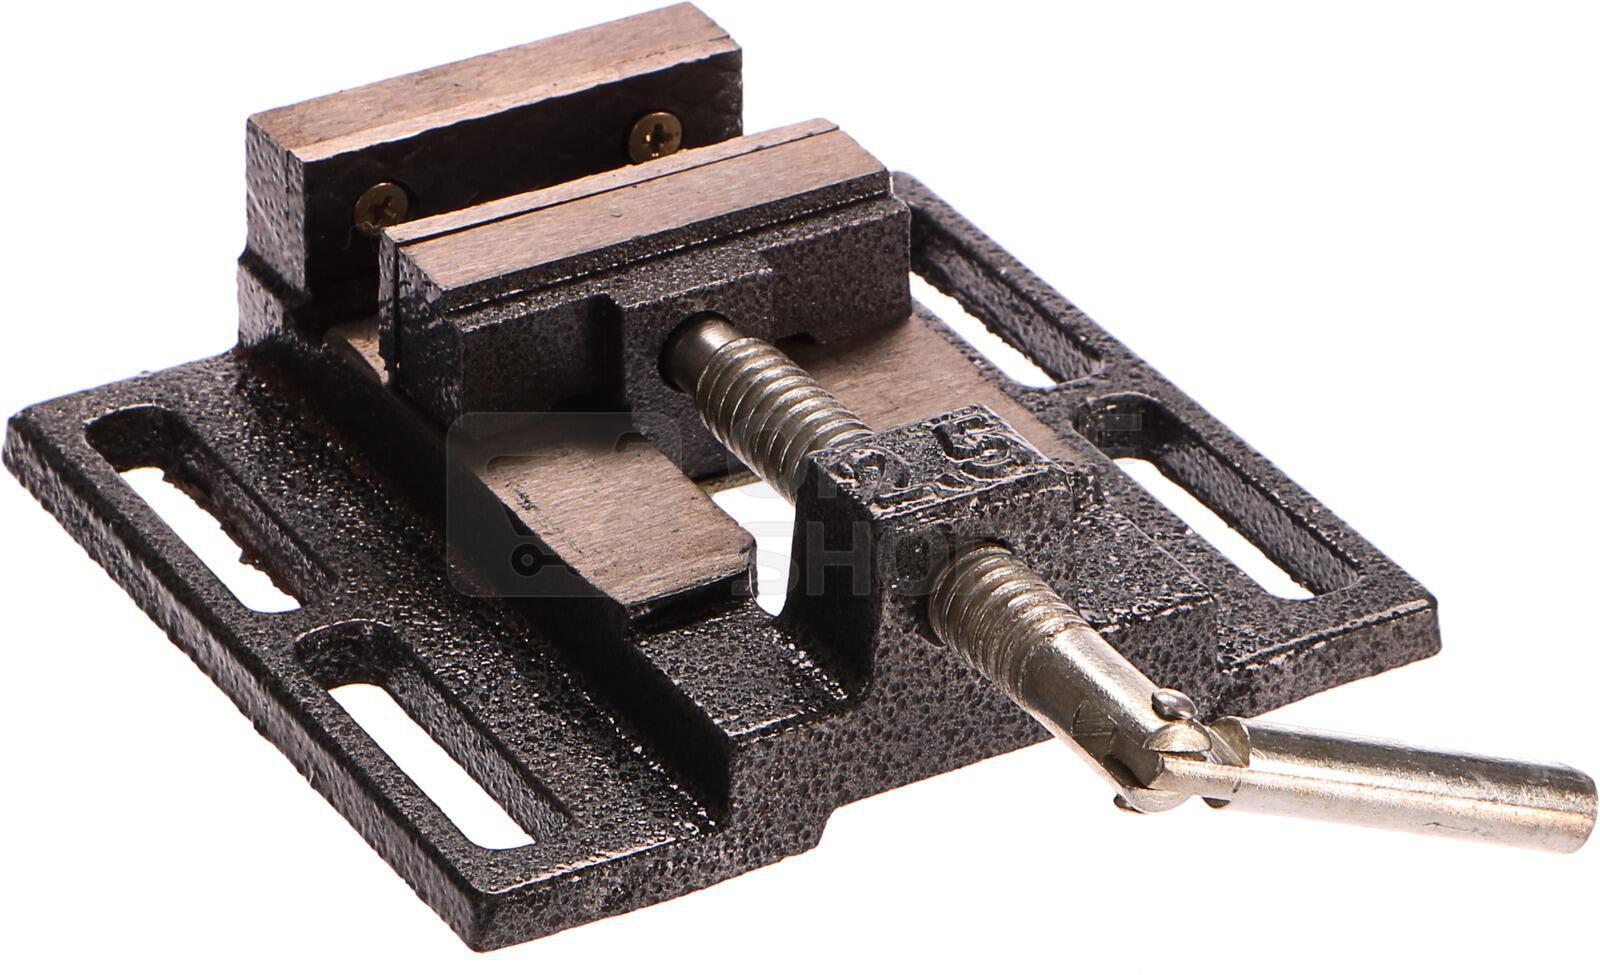 Svěrák pro stojanové vrtačky, 60mm/2,5